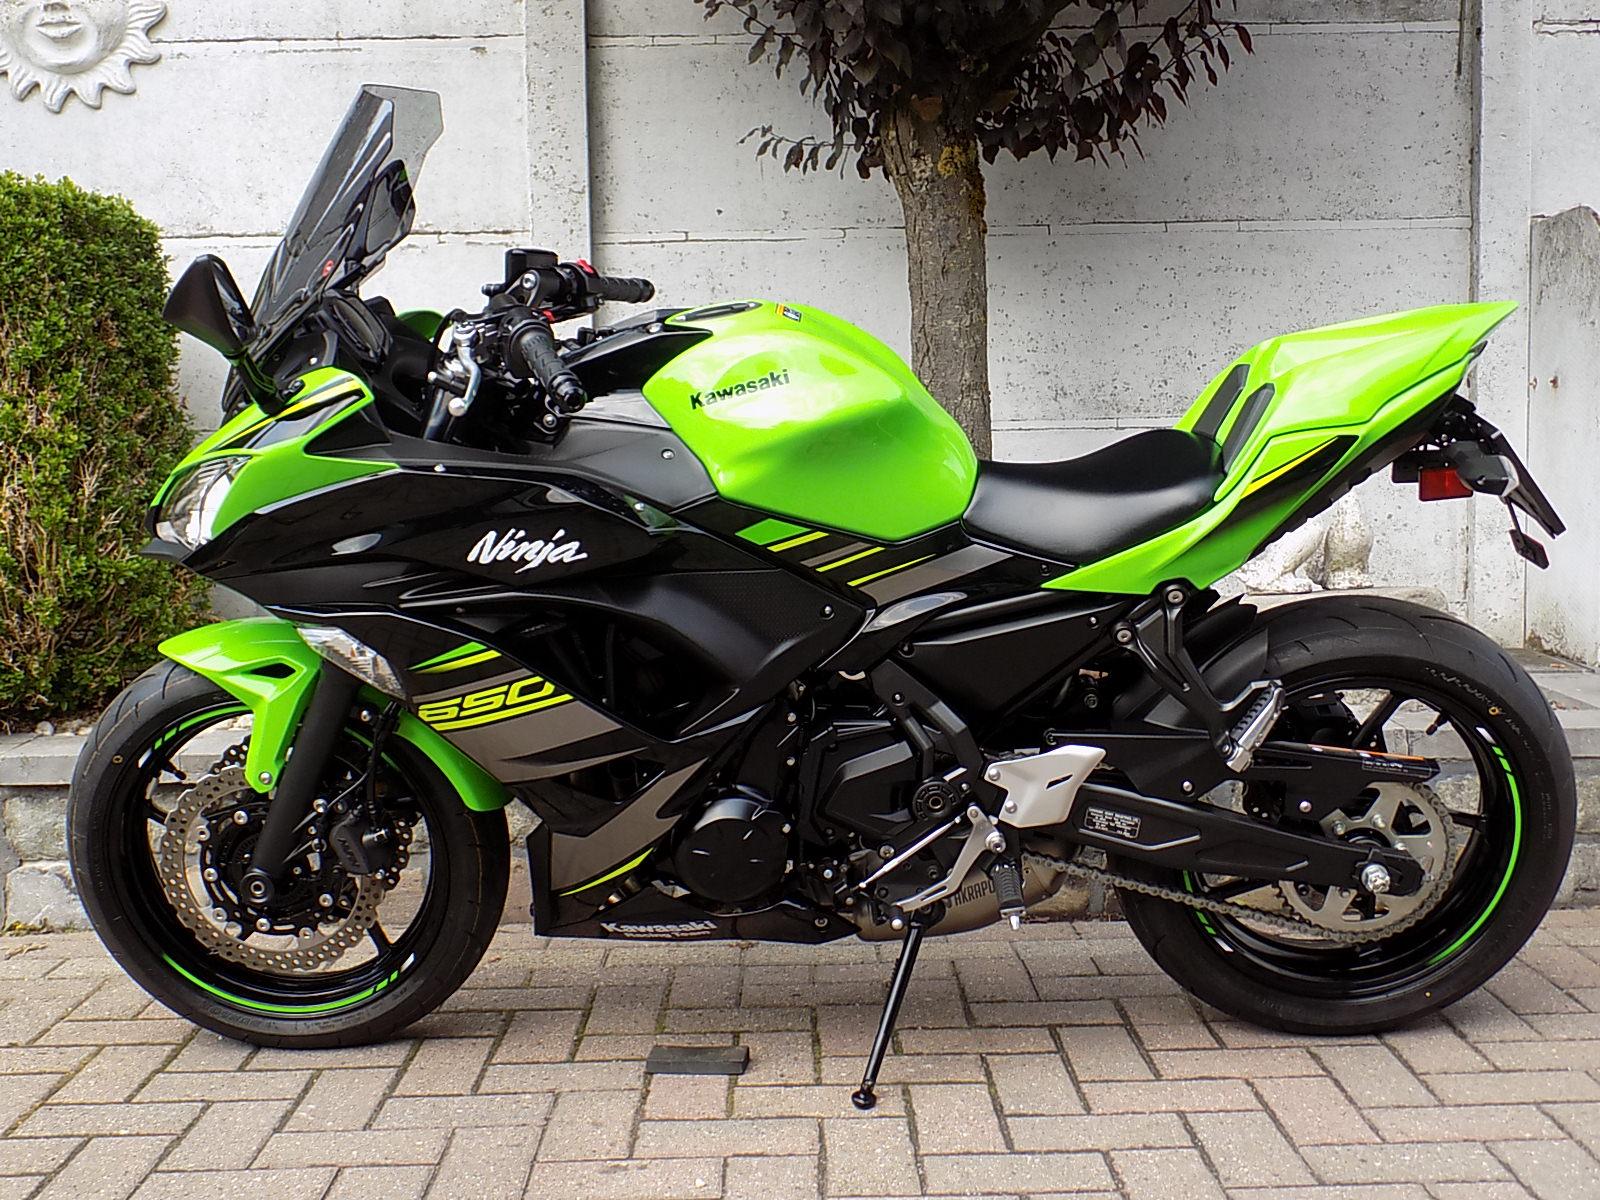 kawasaki ninja 650cc  krt edition!!! (A2 rijbewijs)!!! (VERKOCHT)!!!